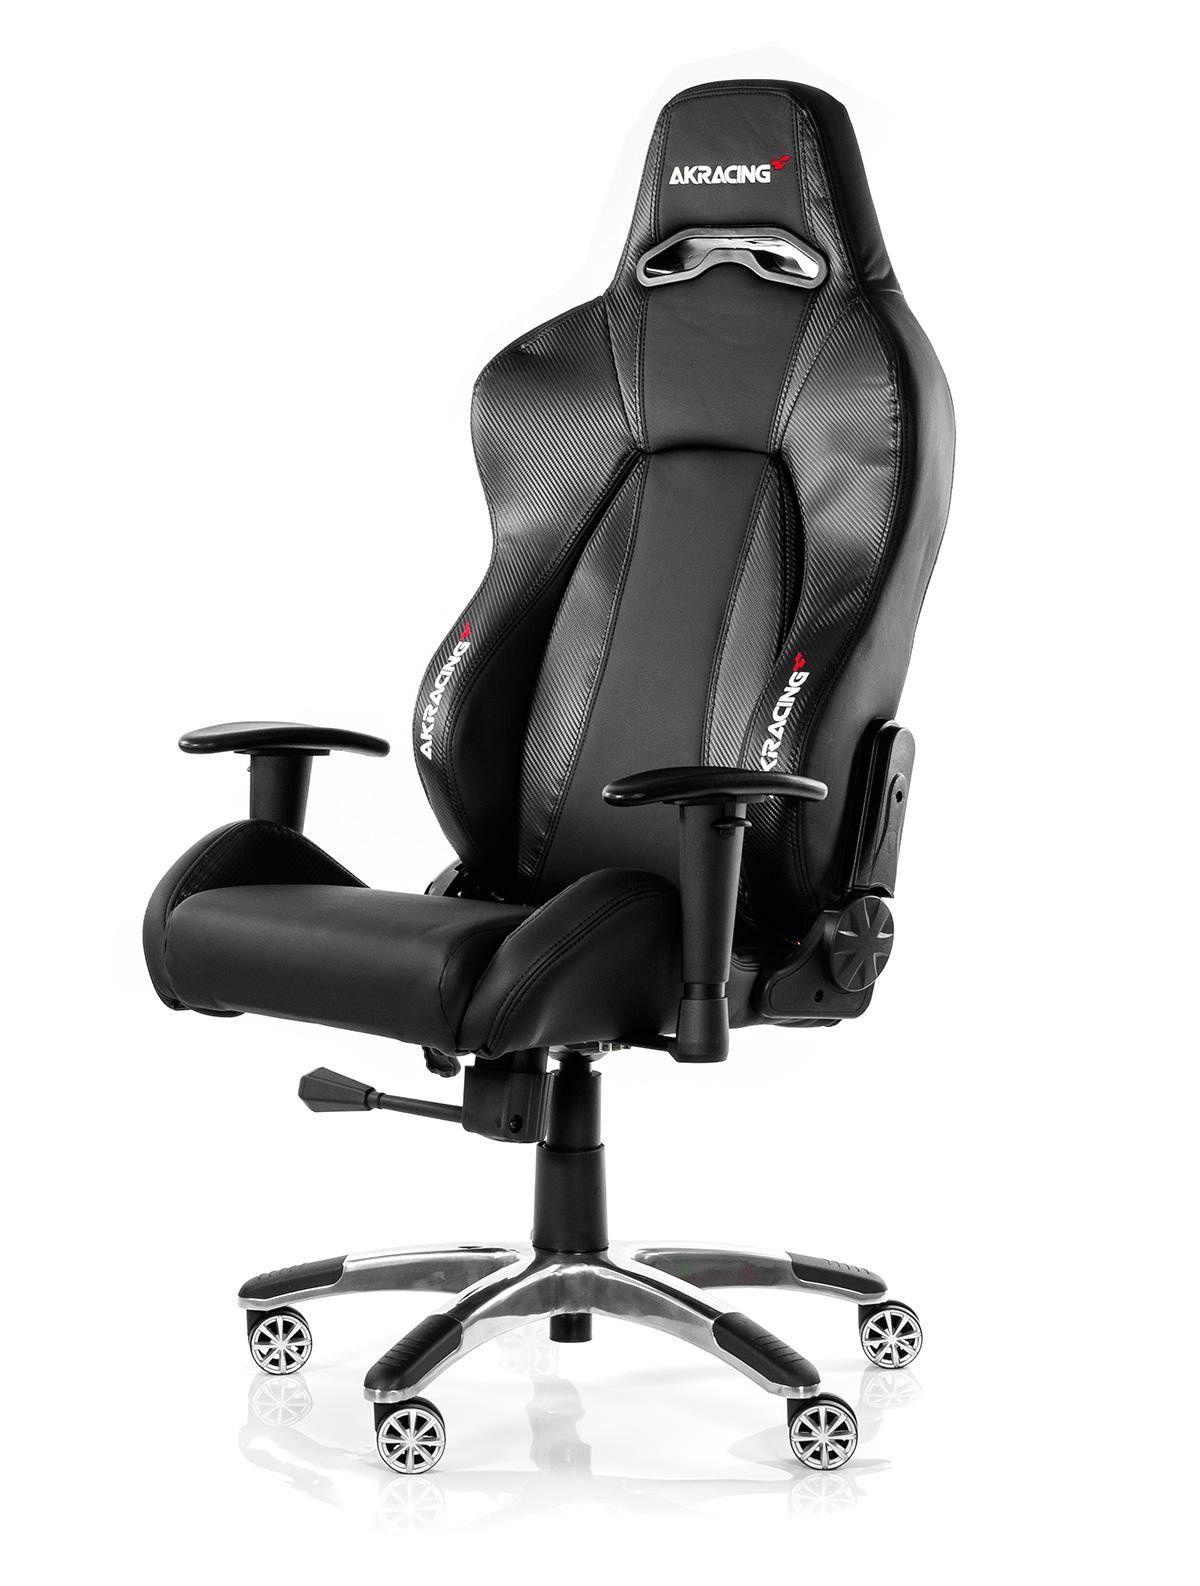 Akracing premium gaming chair carbon black v2 wrgamers